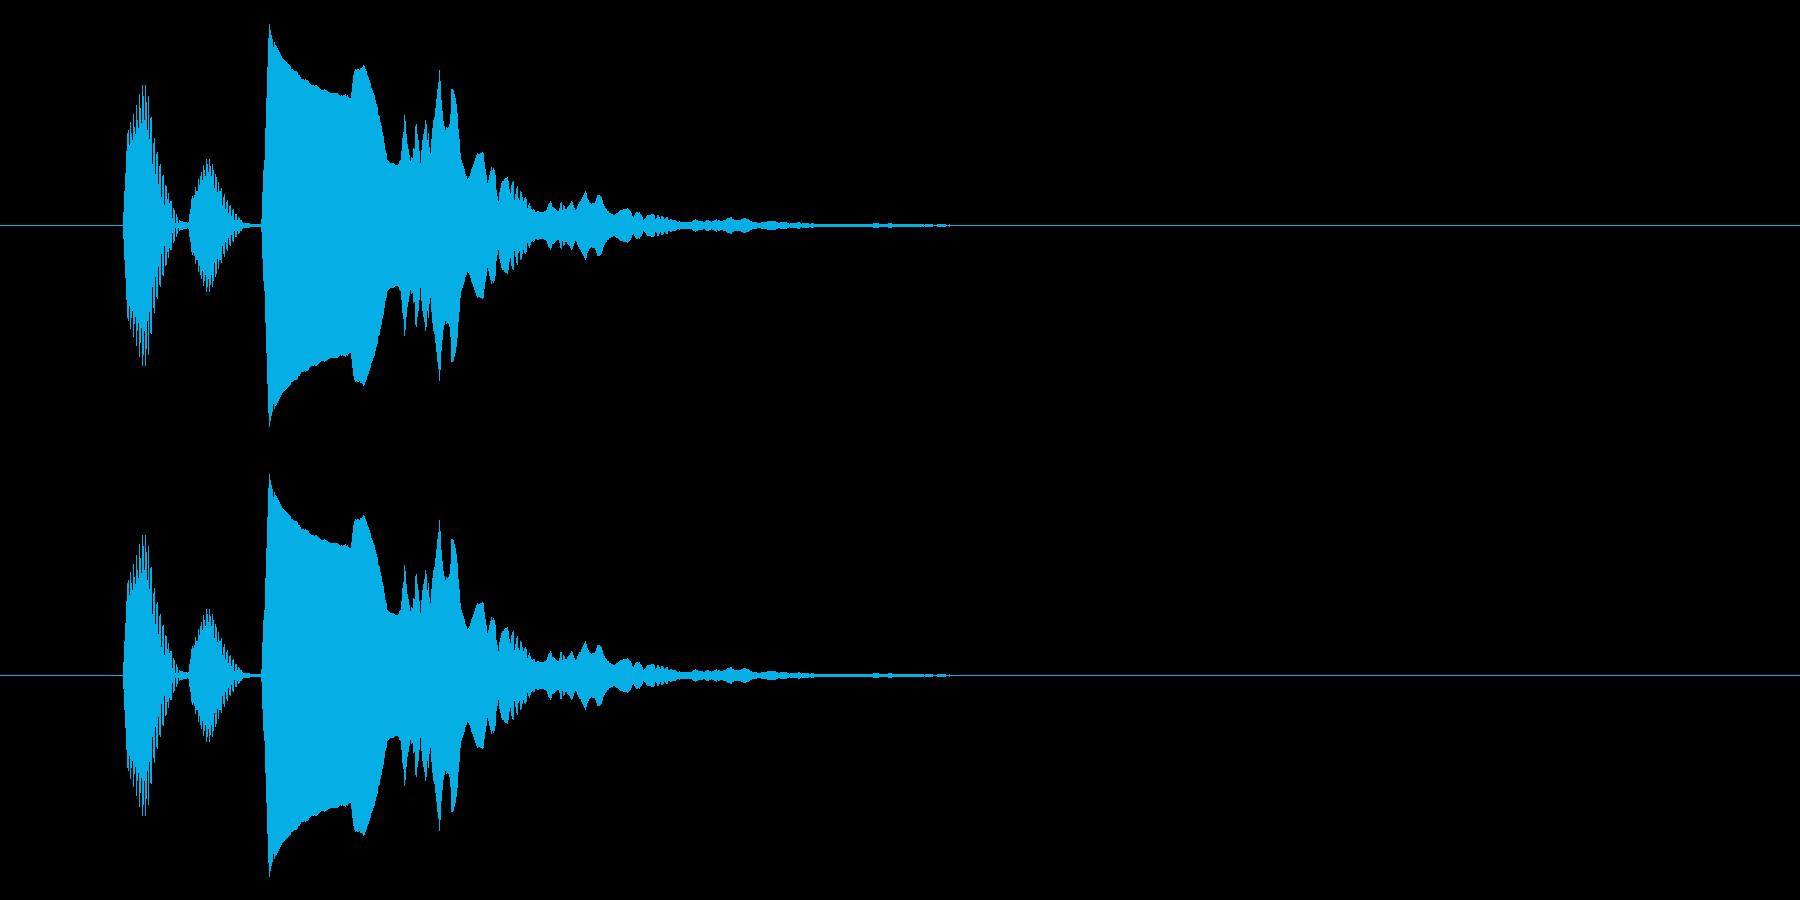 【アクセント42-3】の再生済みの波形